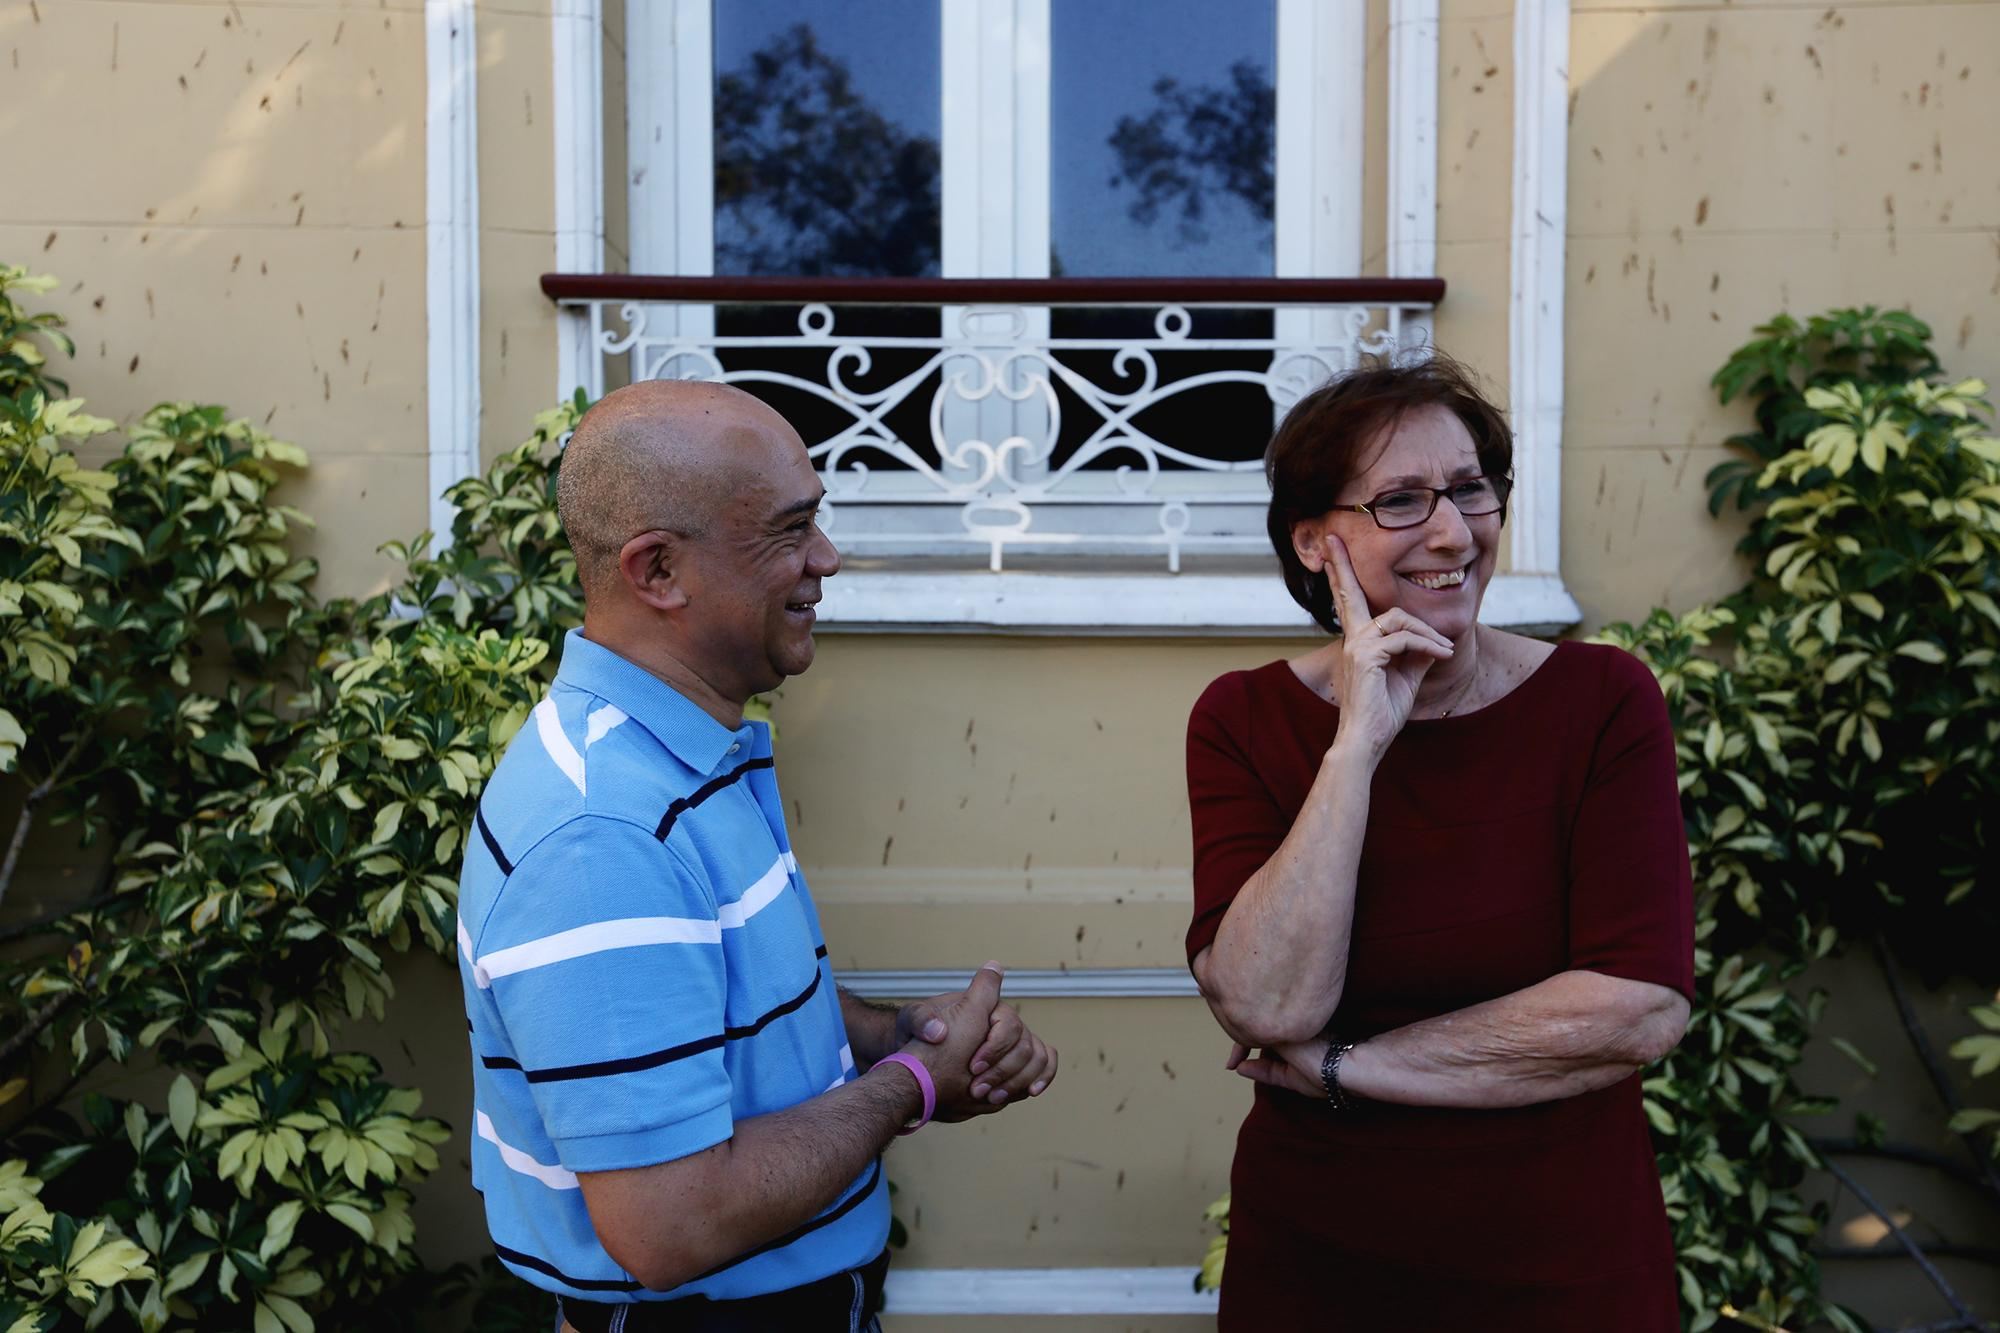 La lingüista Ana María Nafría y el lexicógrafo Francisco Domínguez conversan en uno de los jardines de La Casa de Las Academias. Foto: Fred Ramos